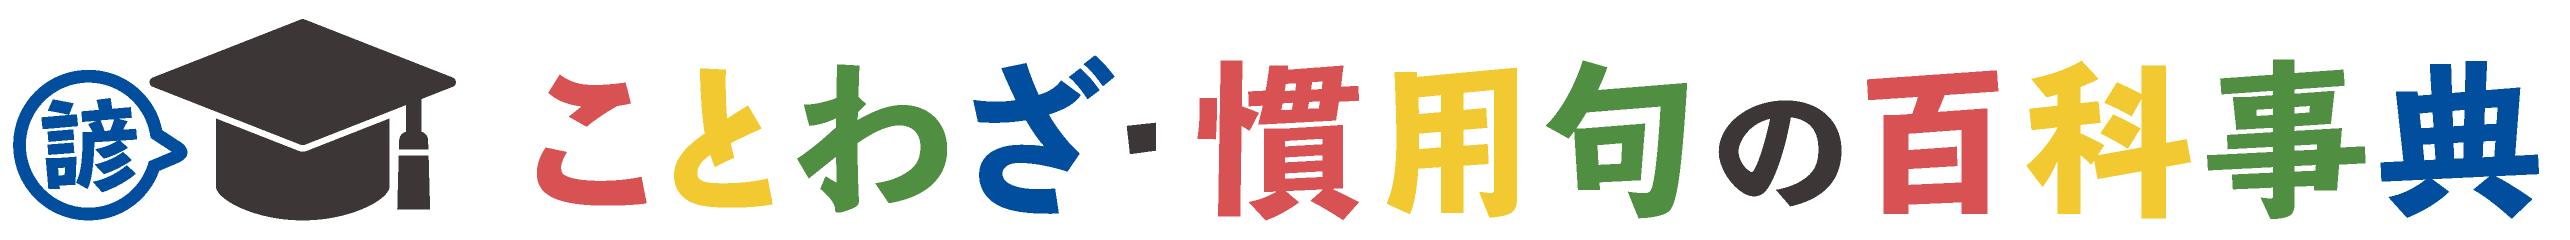 ことわざ・慣用句の百科事典